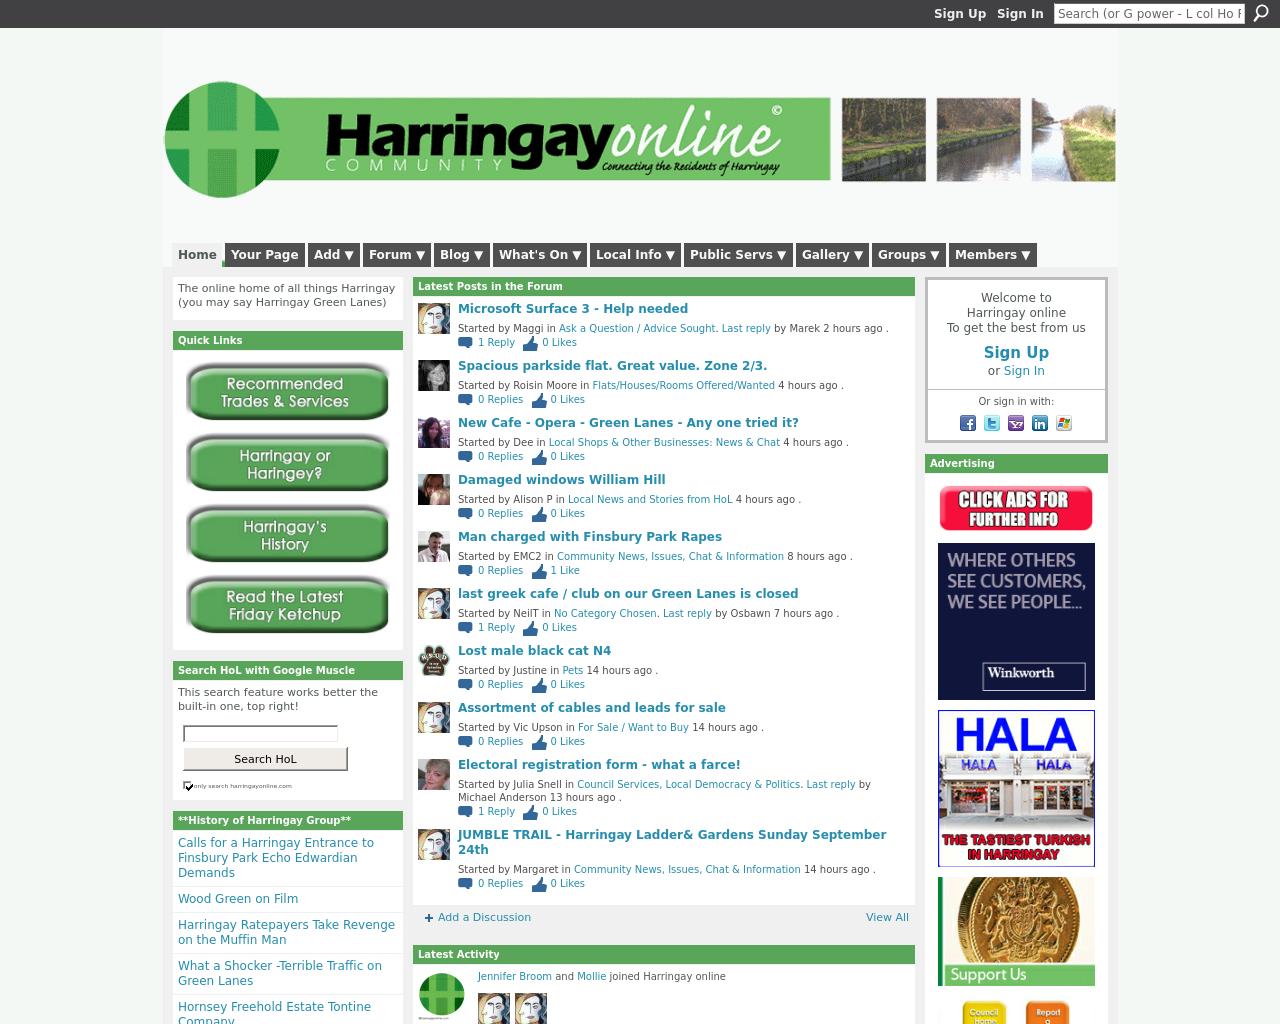 Harringay-Online-Advertising-Reviews-Pricing